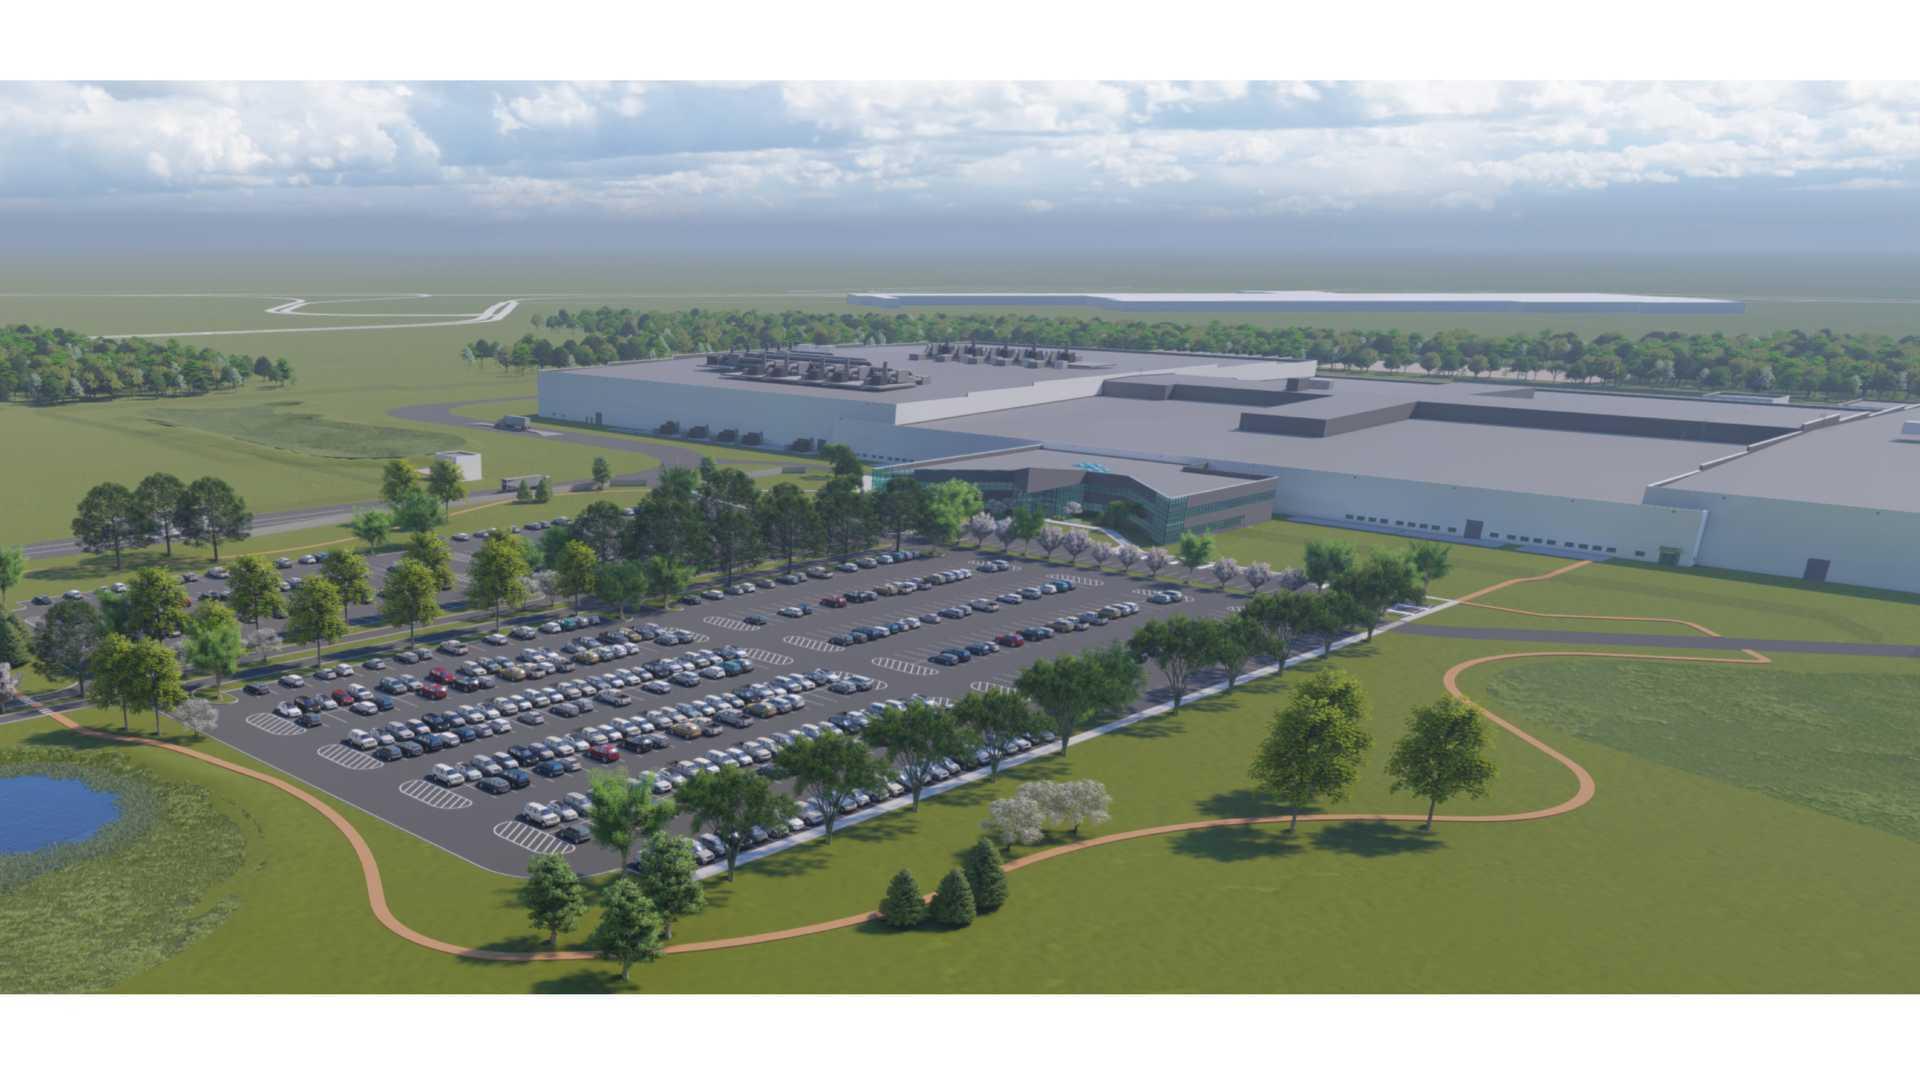 GM собрался стать главным производителем электромобилей. Да, опять